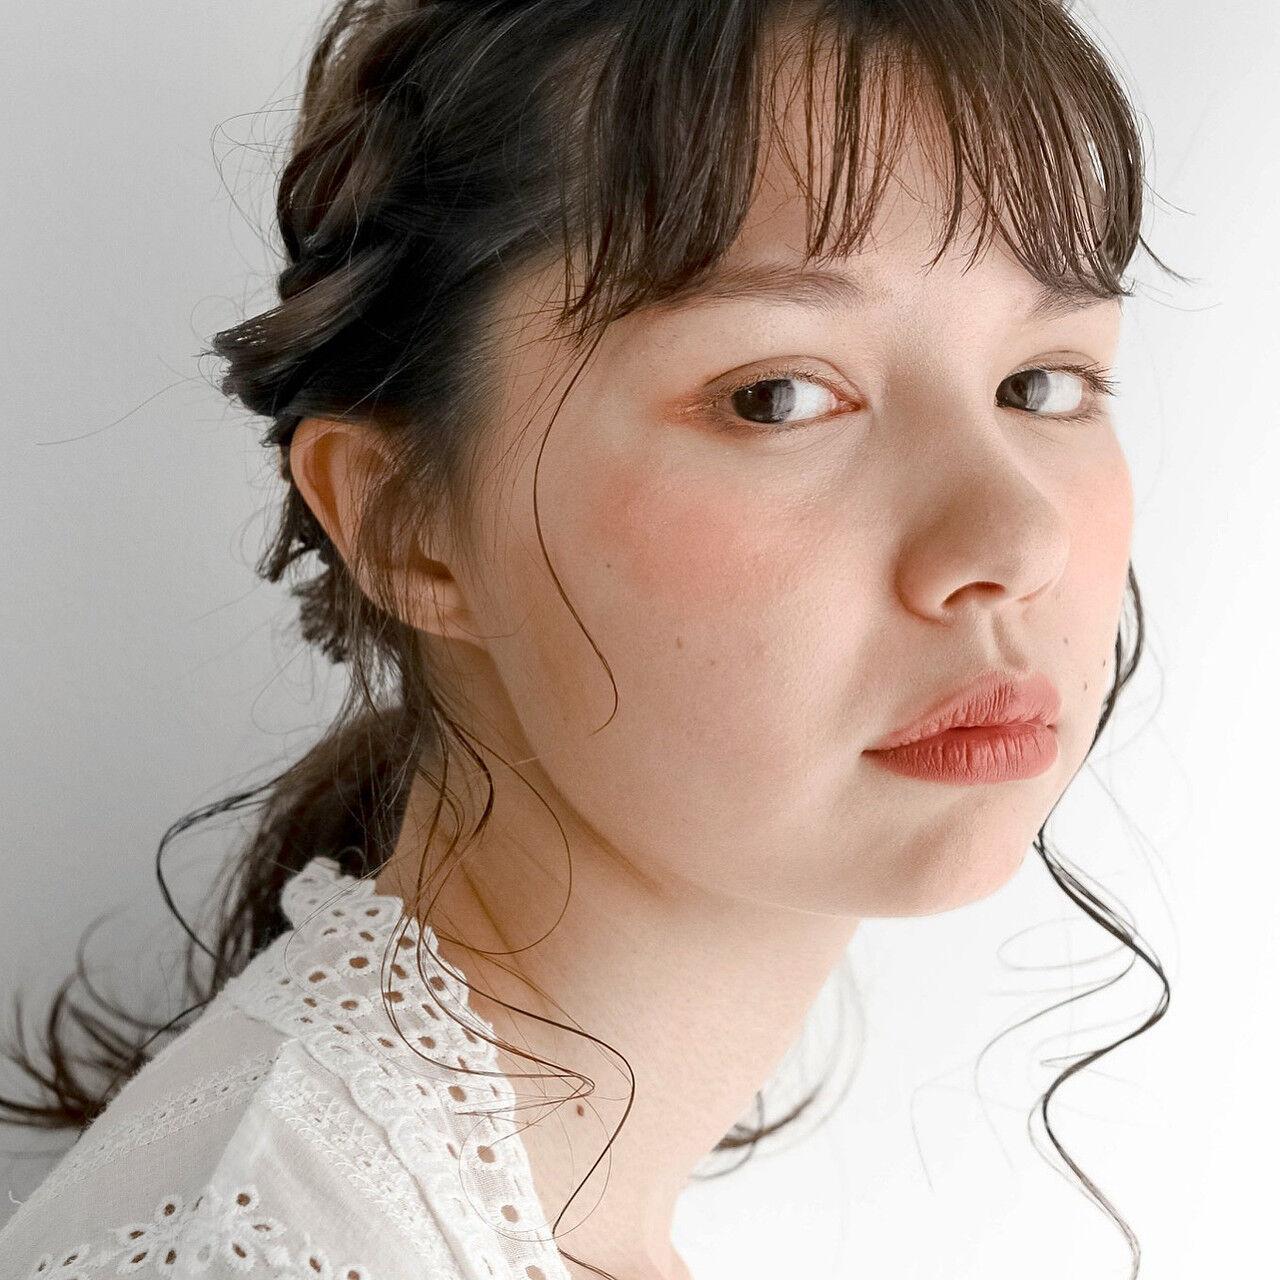 ミディアム ミルクティーベージュ シアーベージュ 簡単ヘアアレンジヘアスタイルや髪型の写真・画像